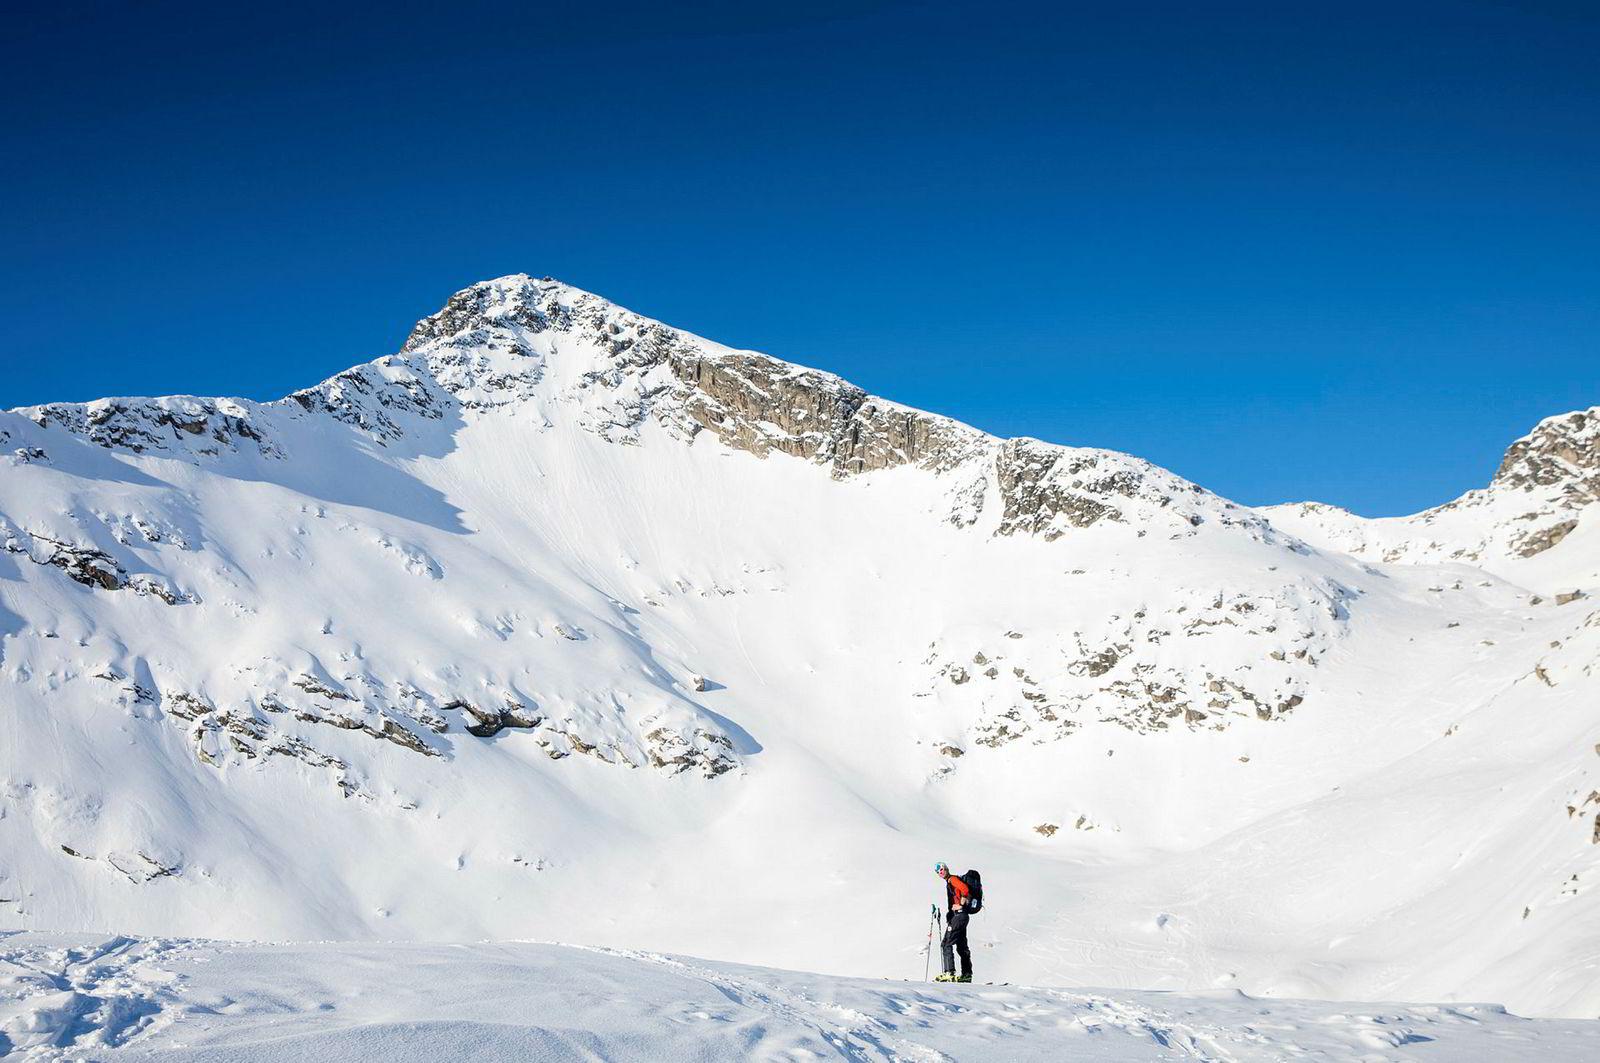 Solen står høyt over Skitntind (i bakgrunnen) og fjellene på Kvaløya utenfor Tromsø. Mildvær med påfølgende kulde har preget snøen høyt til fjells denne vinteren.